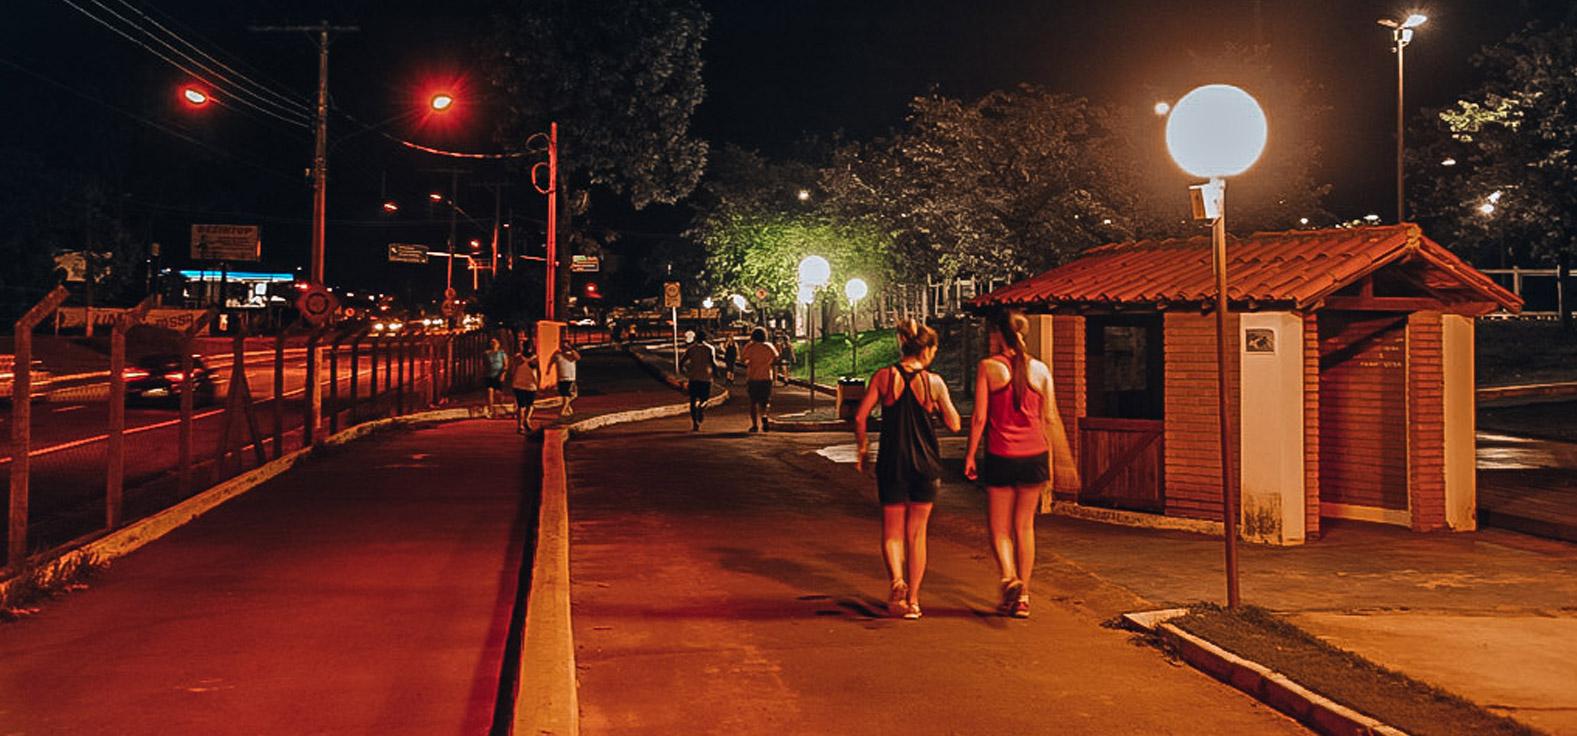 Parque Cidade em Limeira | Portal Serra do Itaquerí